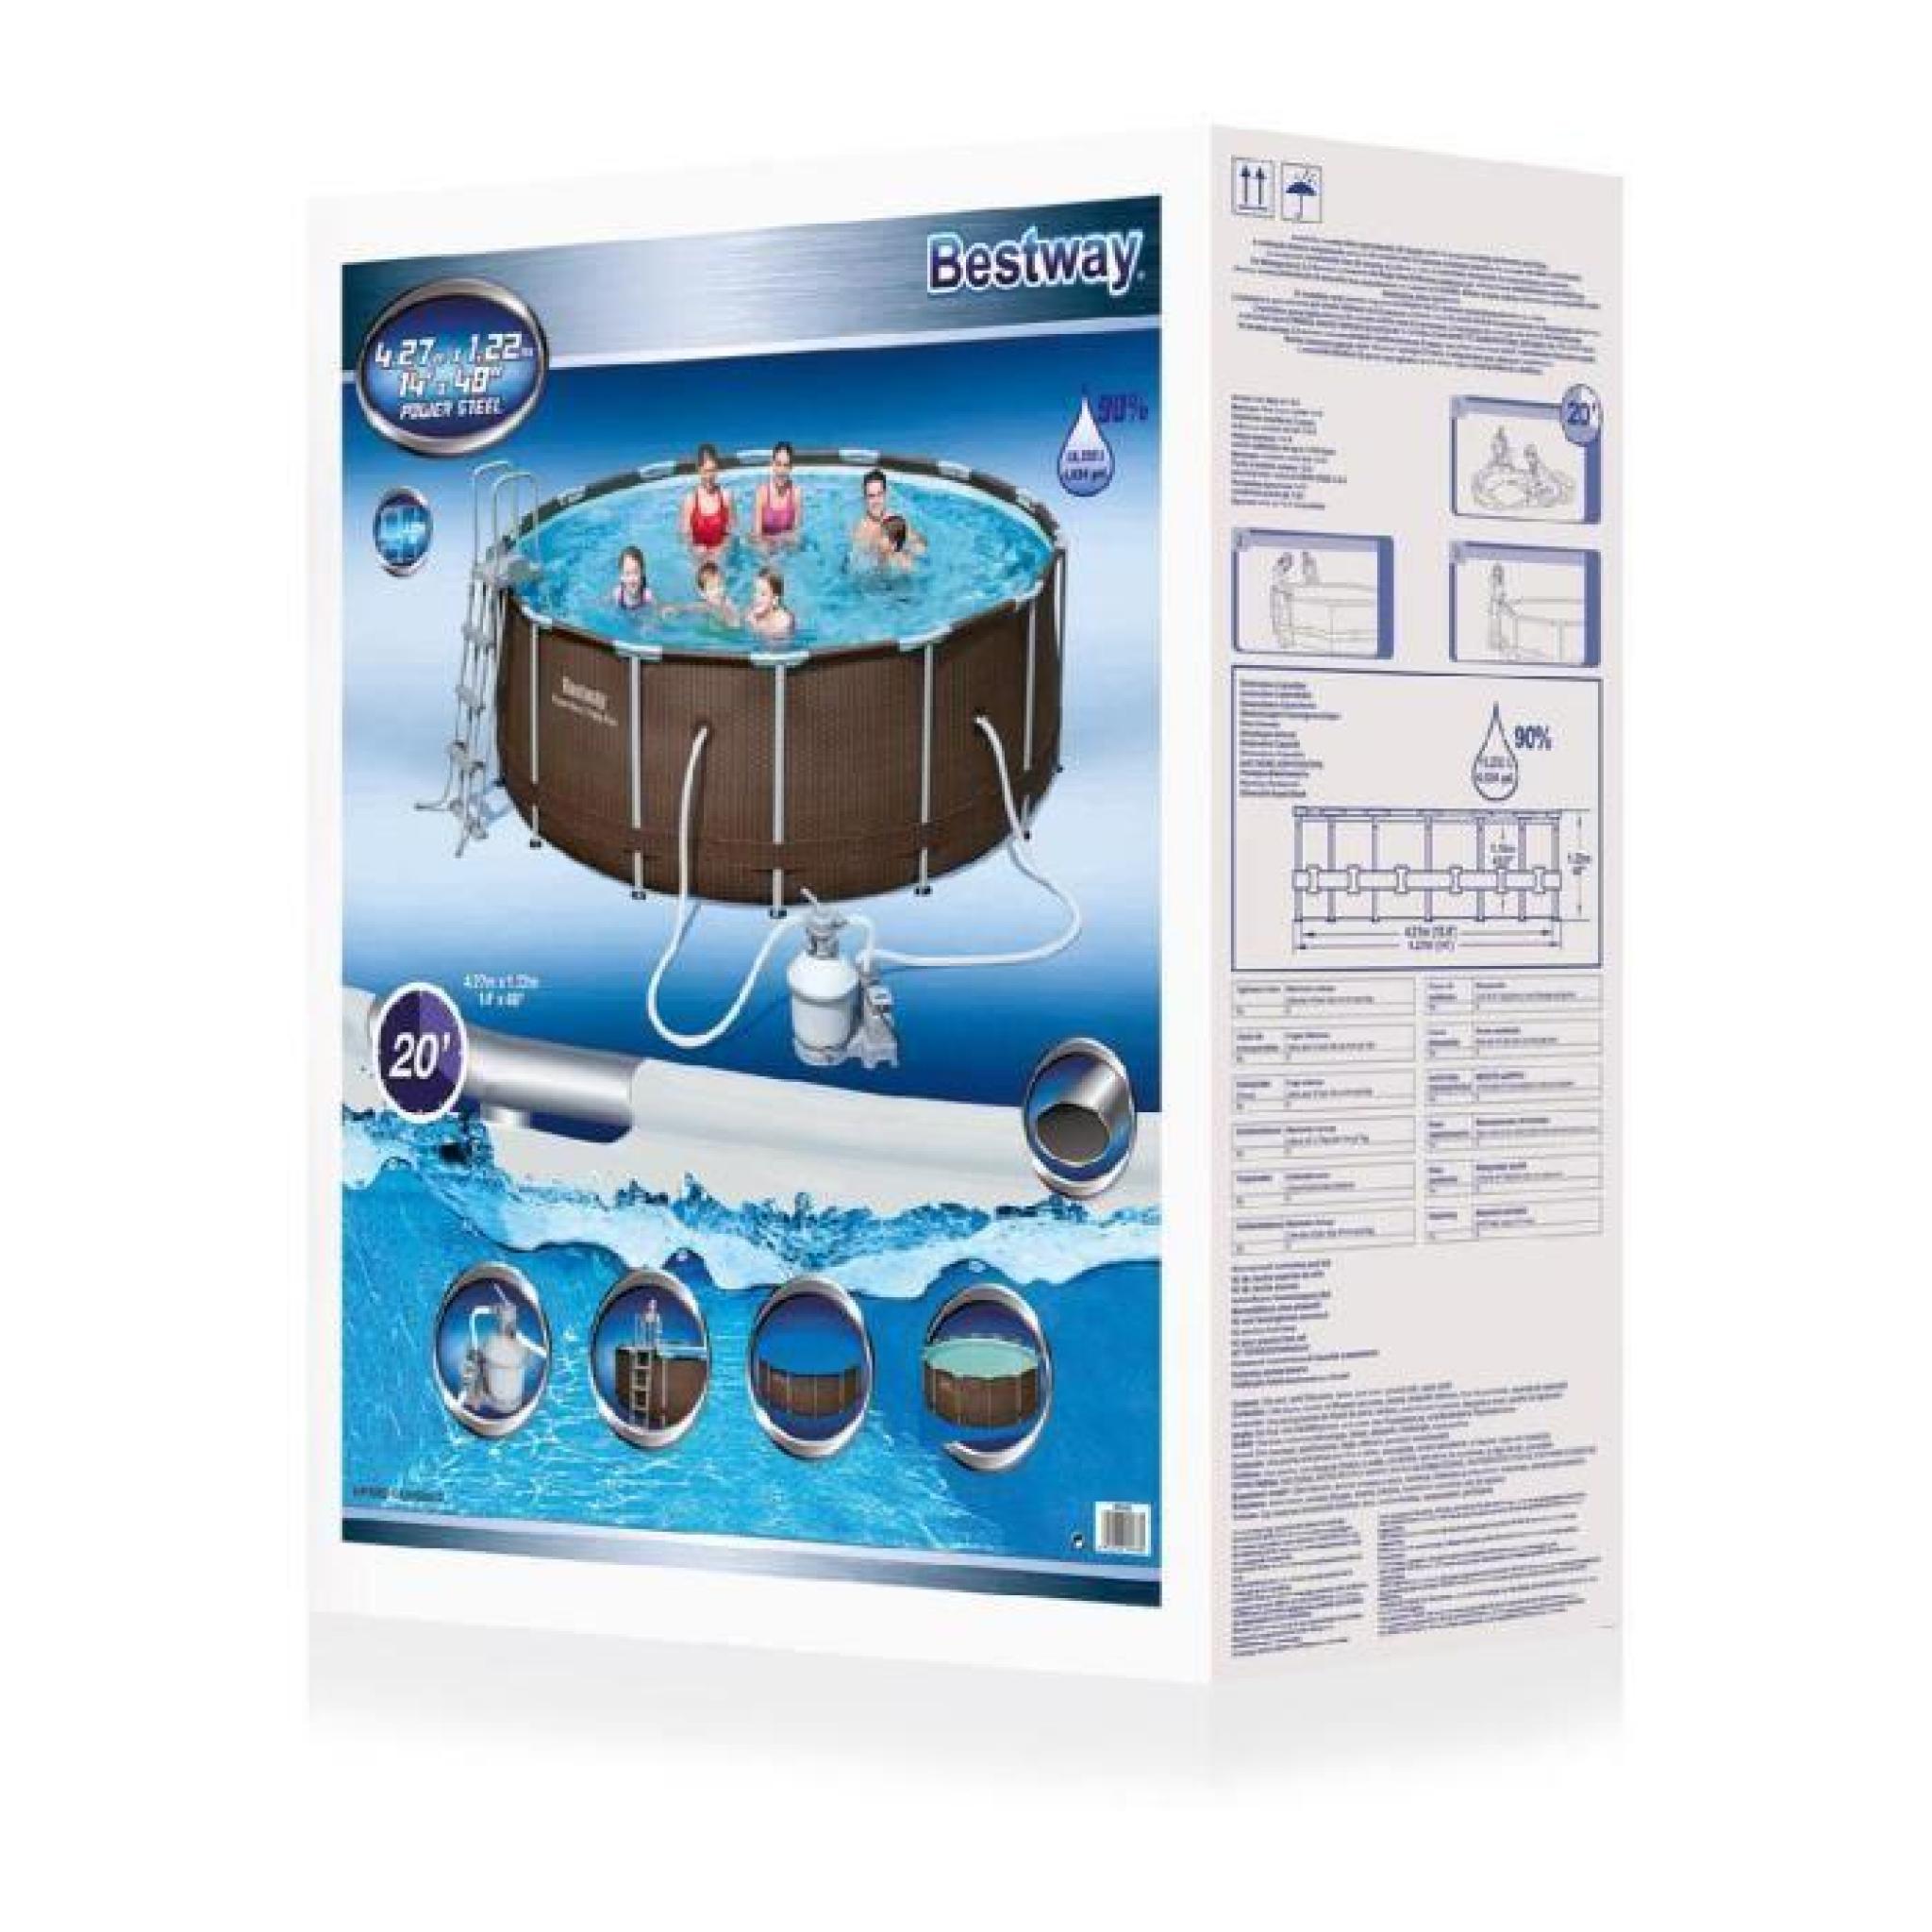 Piscine Autoportante Tubulaire Rattan Steel 4M27 *1M22 - Bestway Uni Marron intérieur Piscine Tubulaire Rectangulaire 1M22